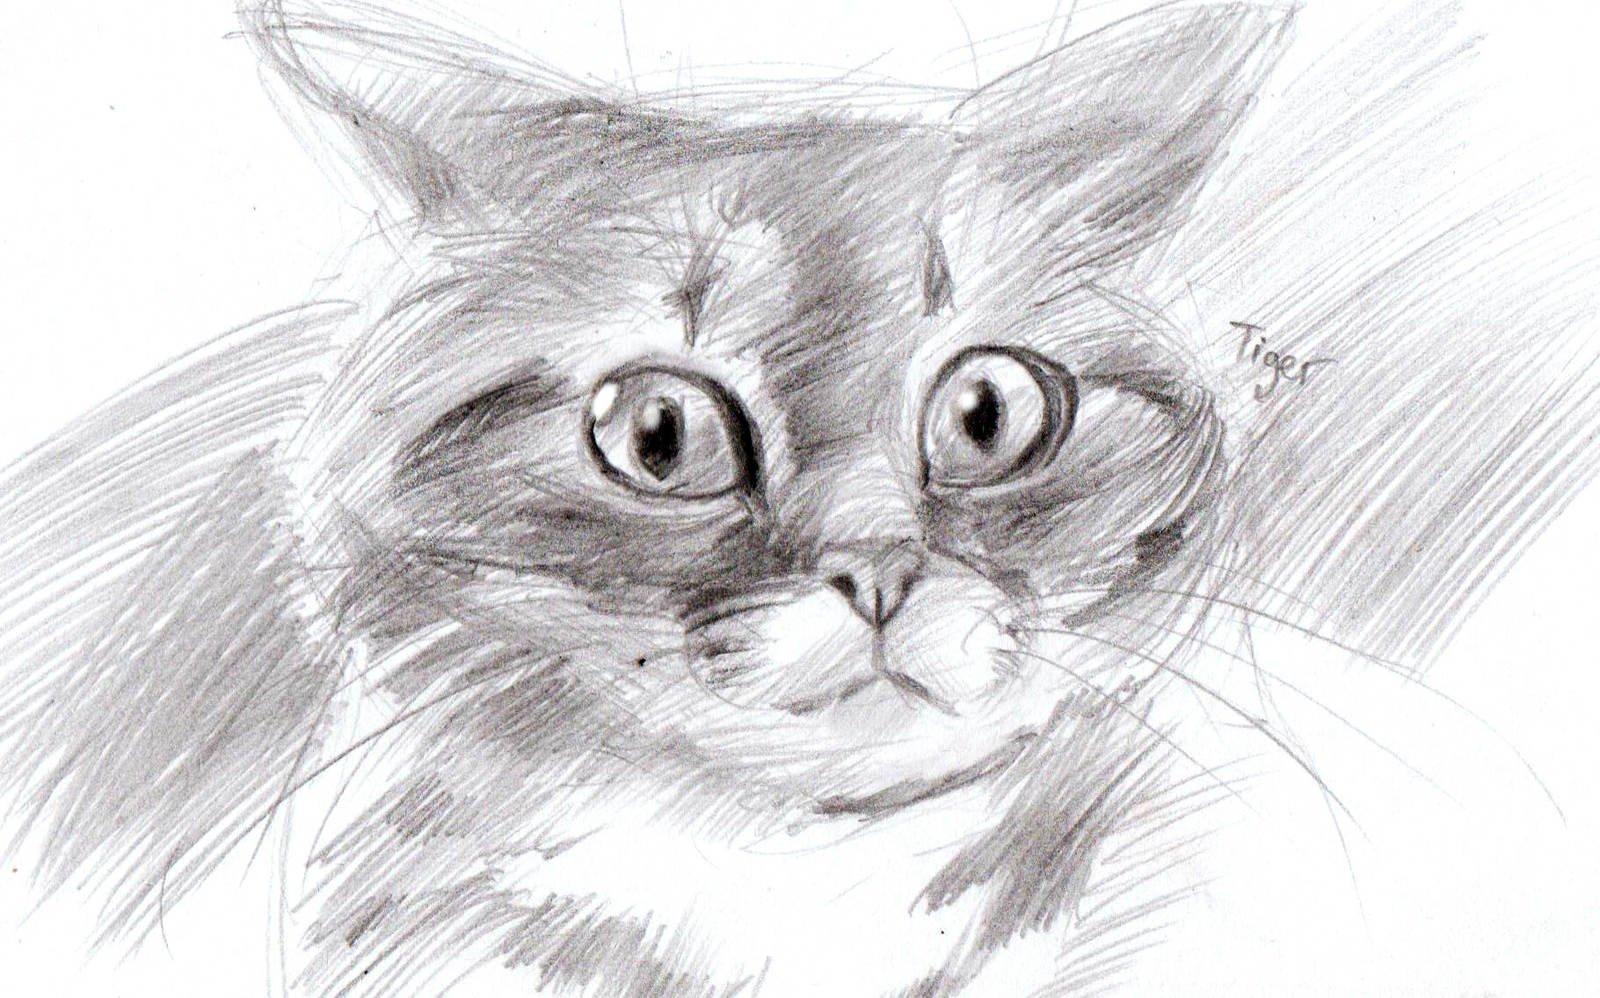 непередаваемые смотреть красивые рисунки карандашом для начинающих рисовать грудной клетки